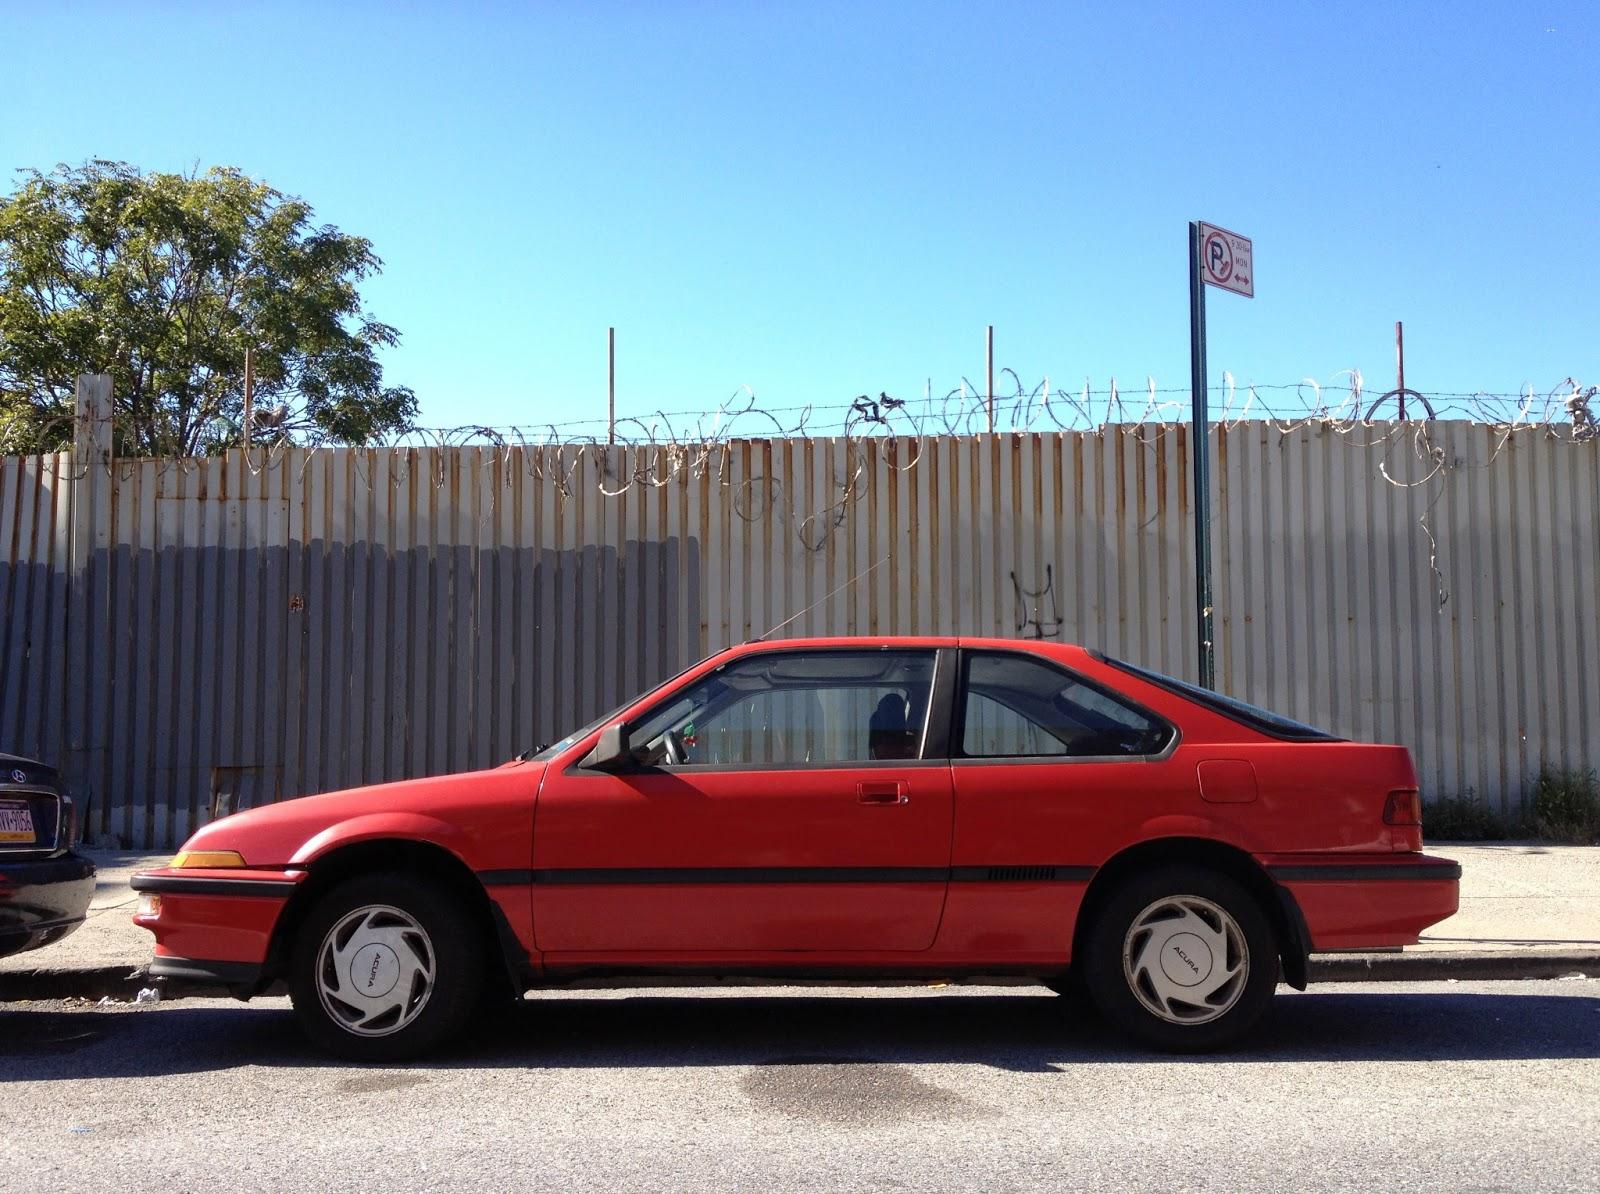 Acura Of Brooklyn >> CSCB Home: 1989 Acura Integra LS Three-door Hatchback